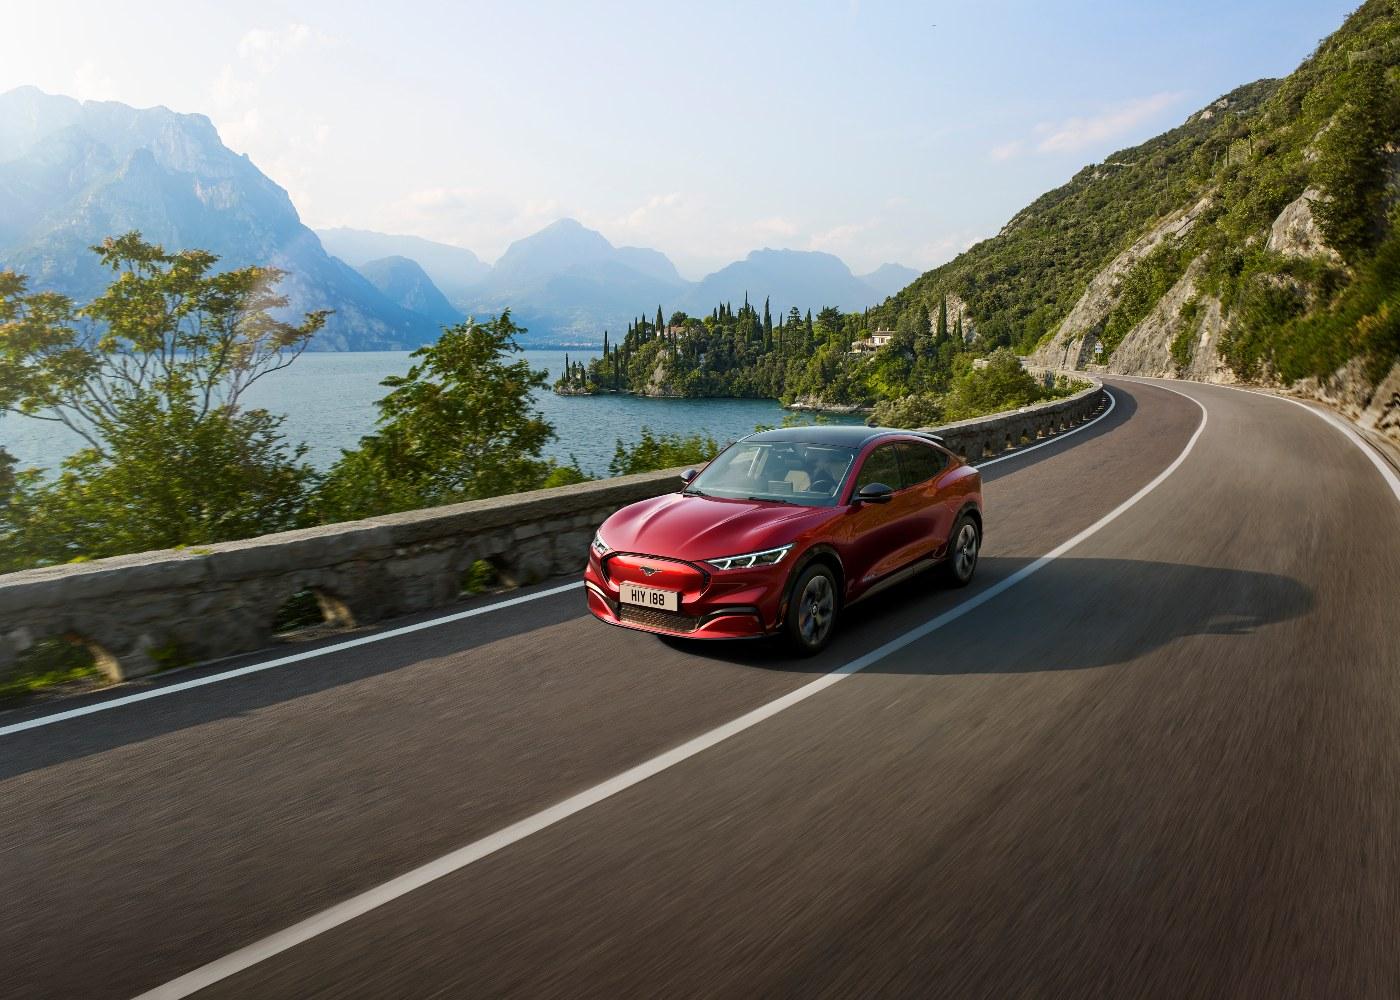 Ford Mustang Mach-E, um dos carros elétricos com maior autonomia